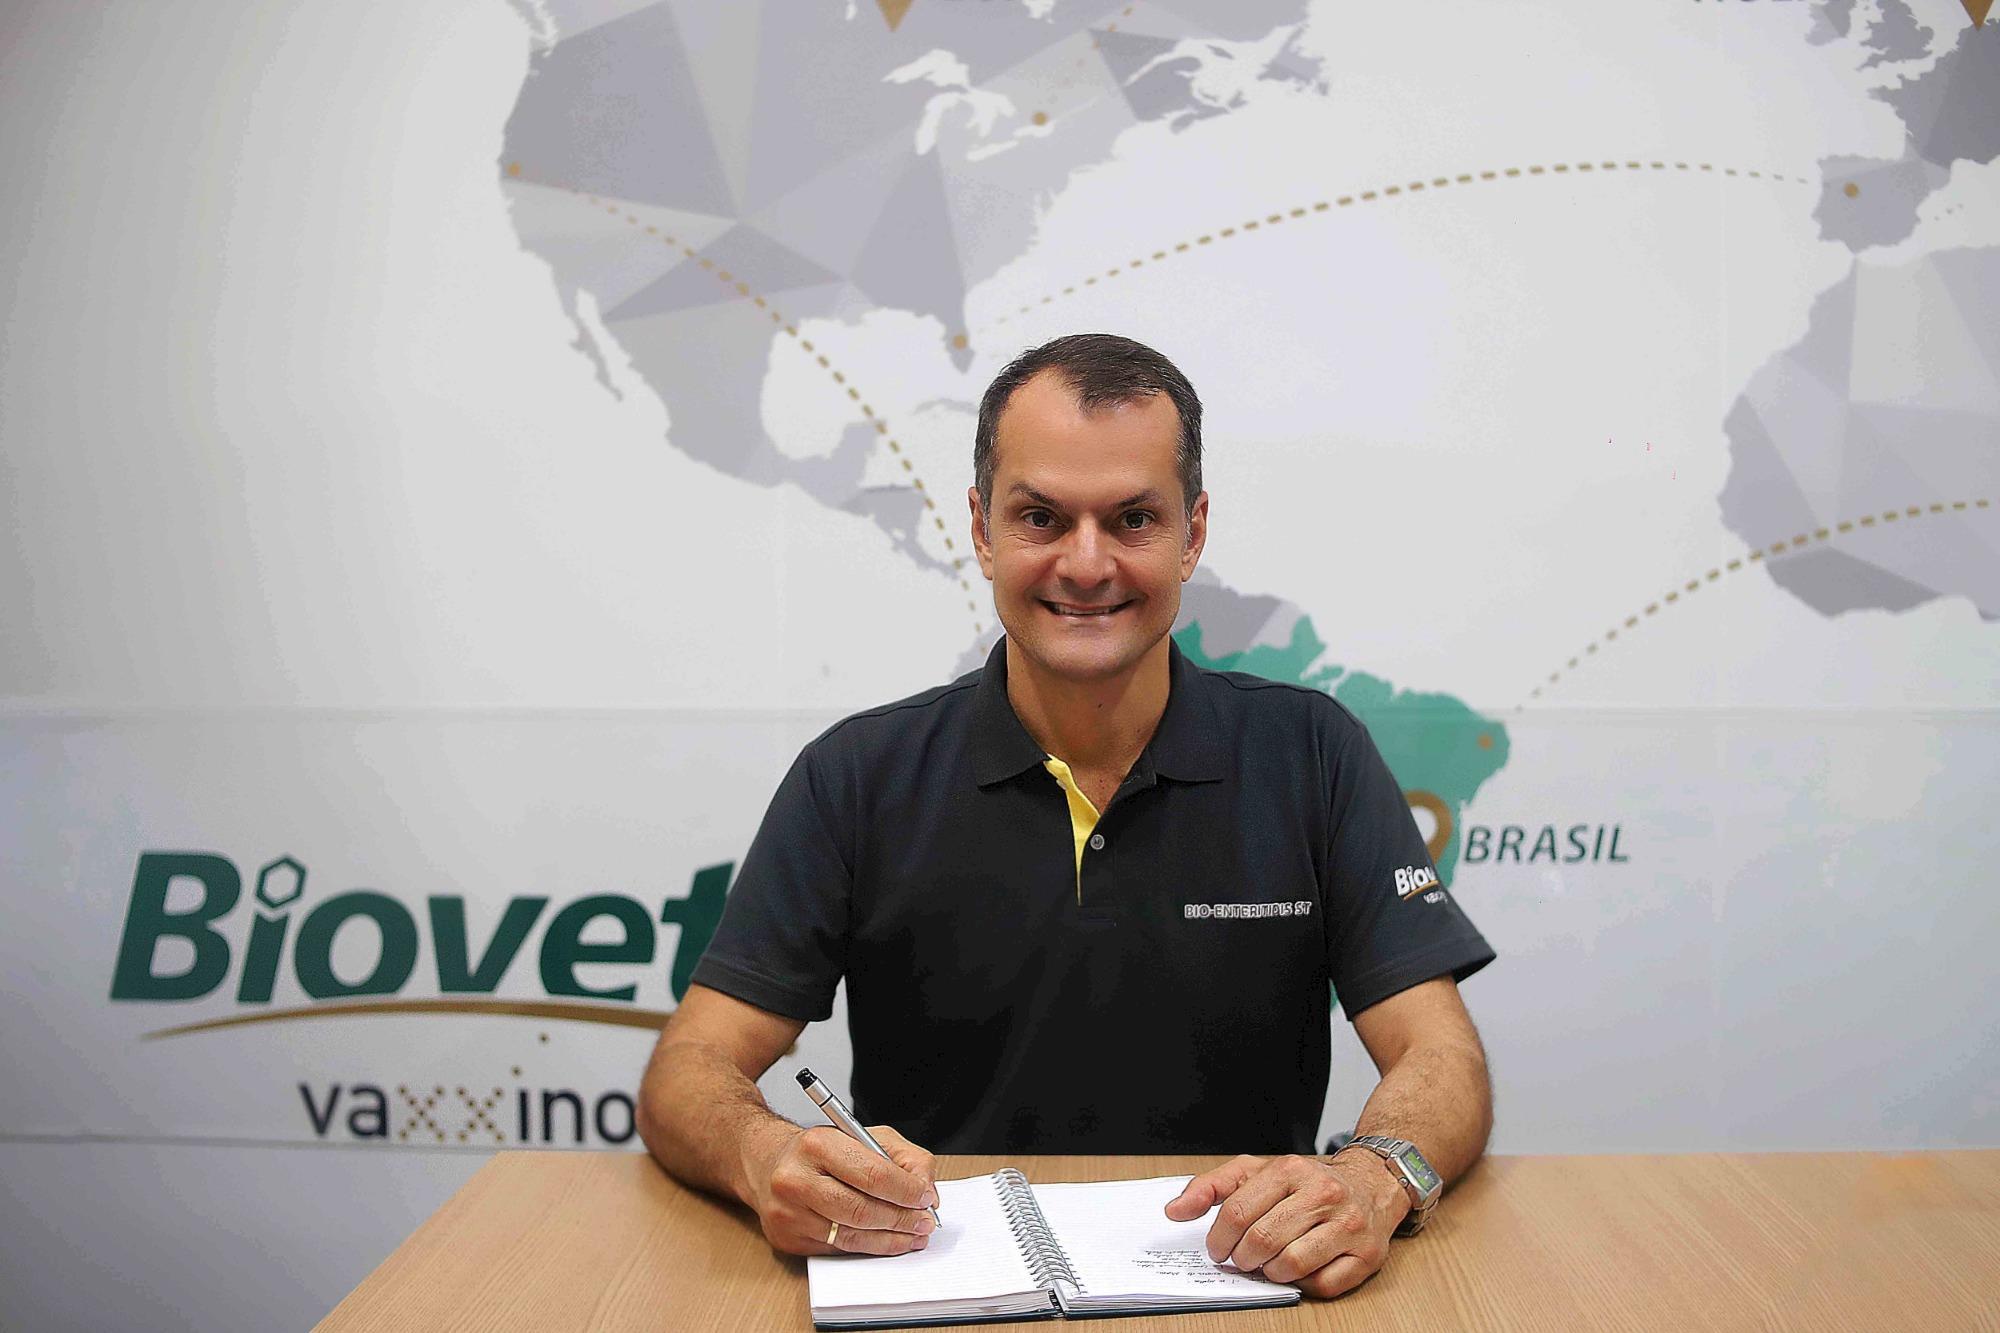 Jeovane Pereira é o novo Diretor de Negócios Avicultura do Biovet Vaxxinova